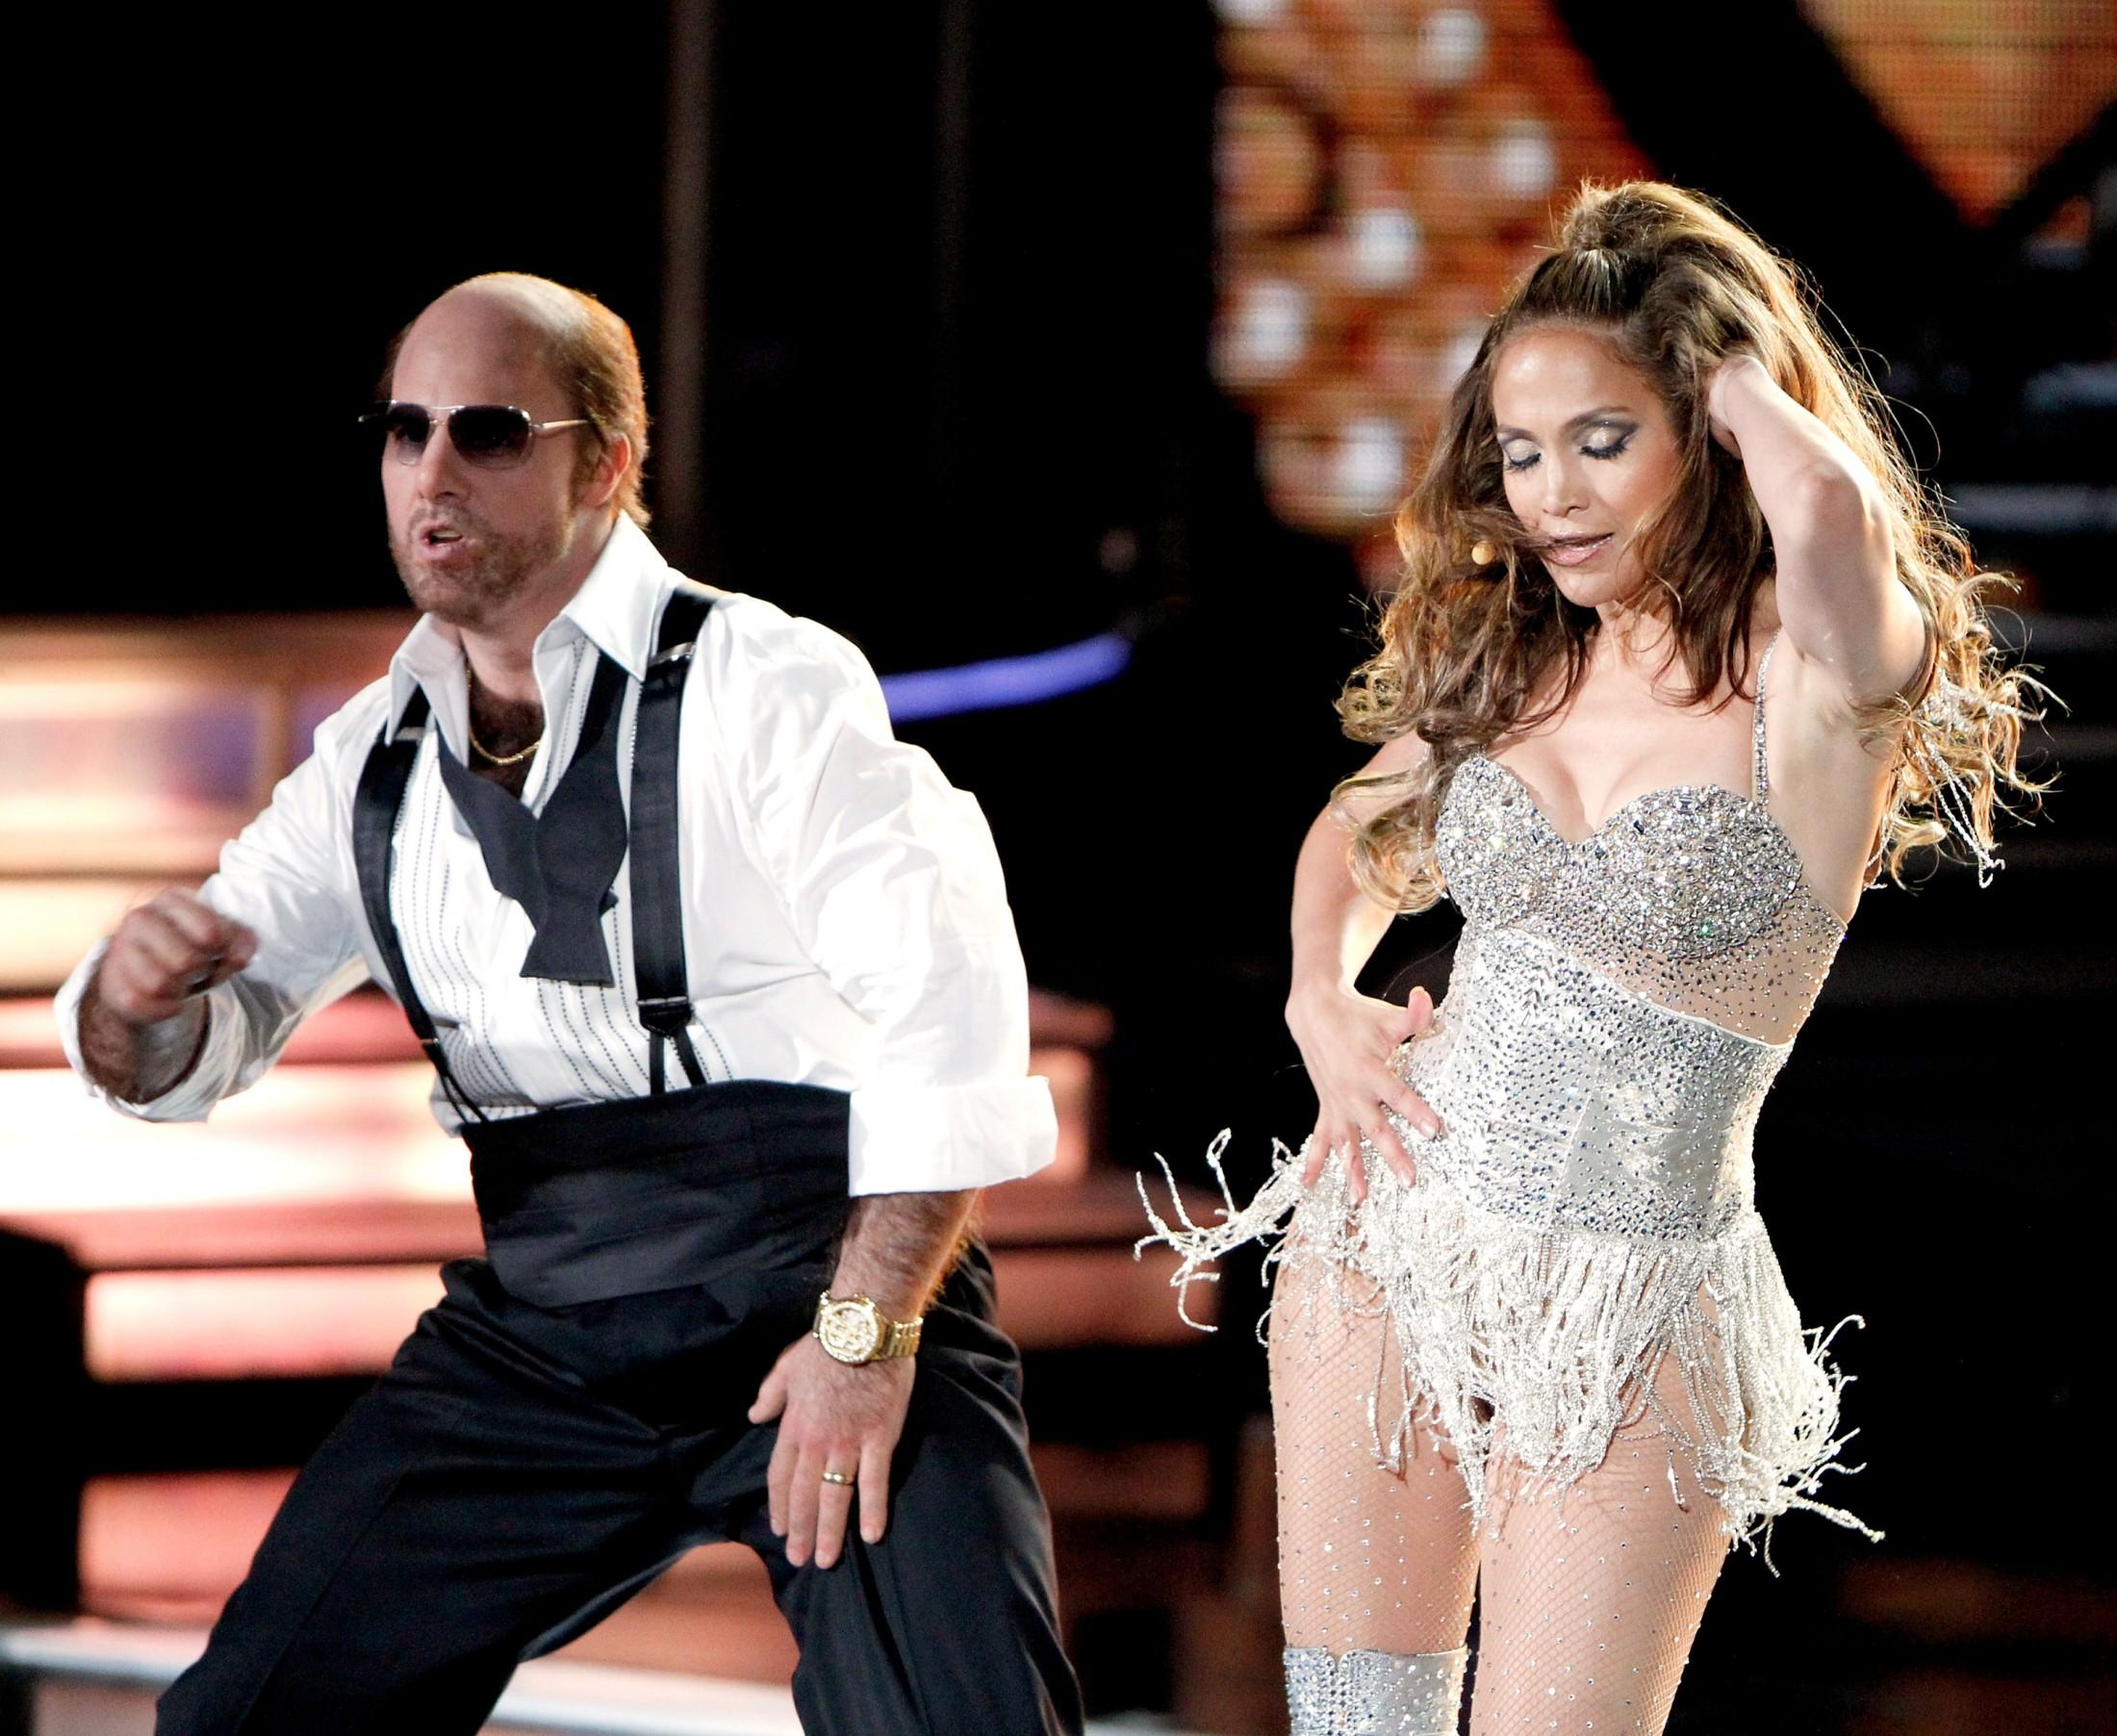 Jennifer Lopez 2010 : jennifer-lopez-performing-at-the-2010-mtv-movie-awards-06